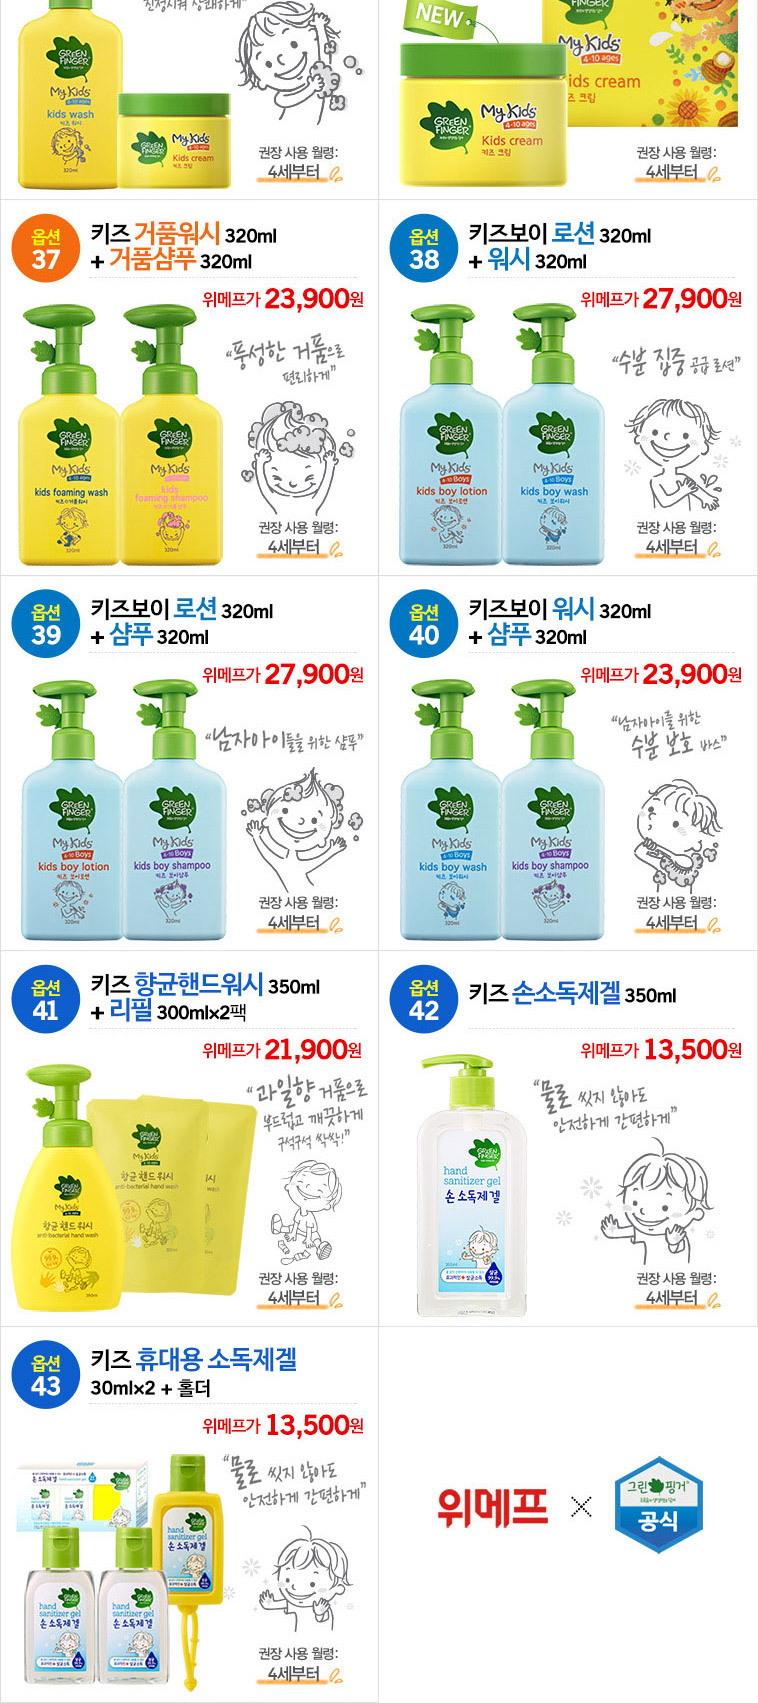 [무료배송] 그린핑거 유아로션 1+1 - 상세정보